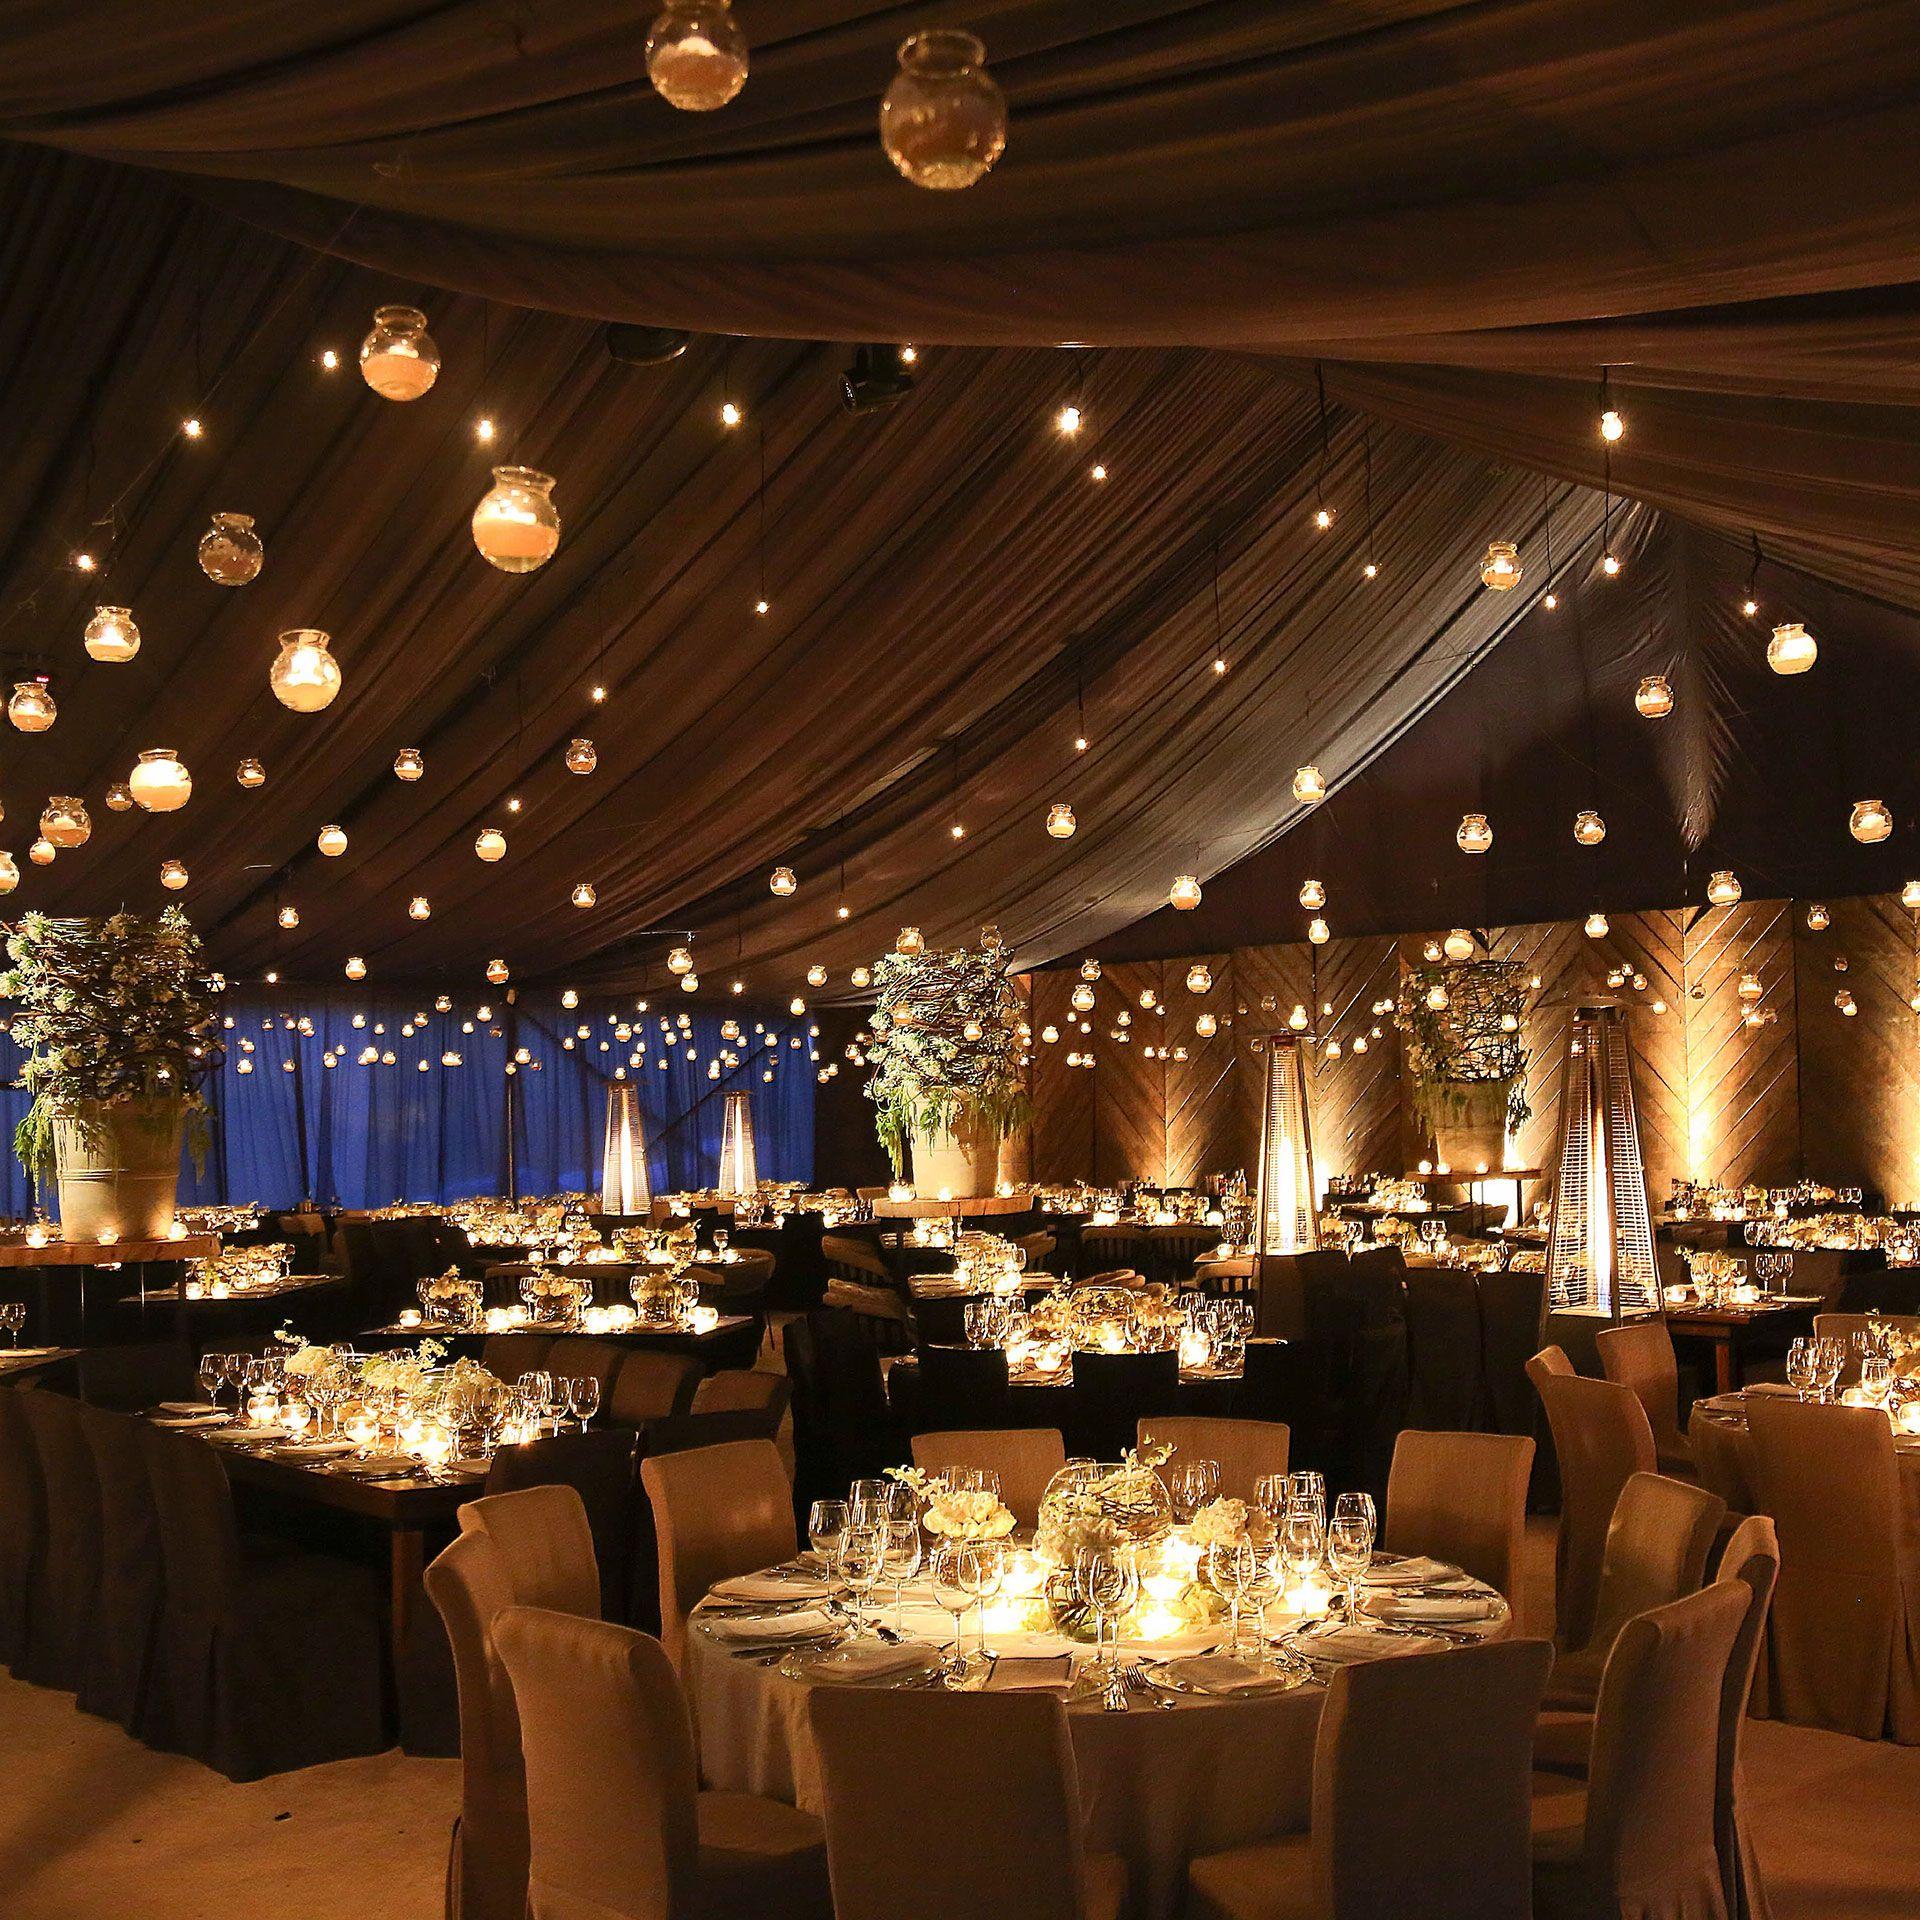 Detalle de luces en techo decoracion de mesas sencilla for Mesas de diseno para salon